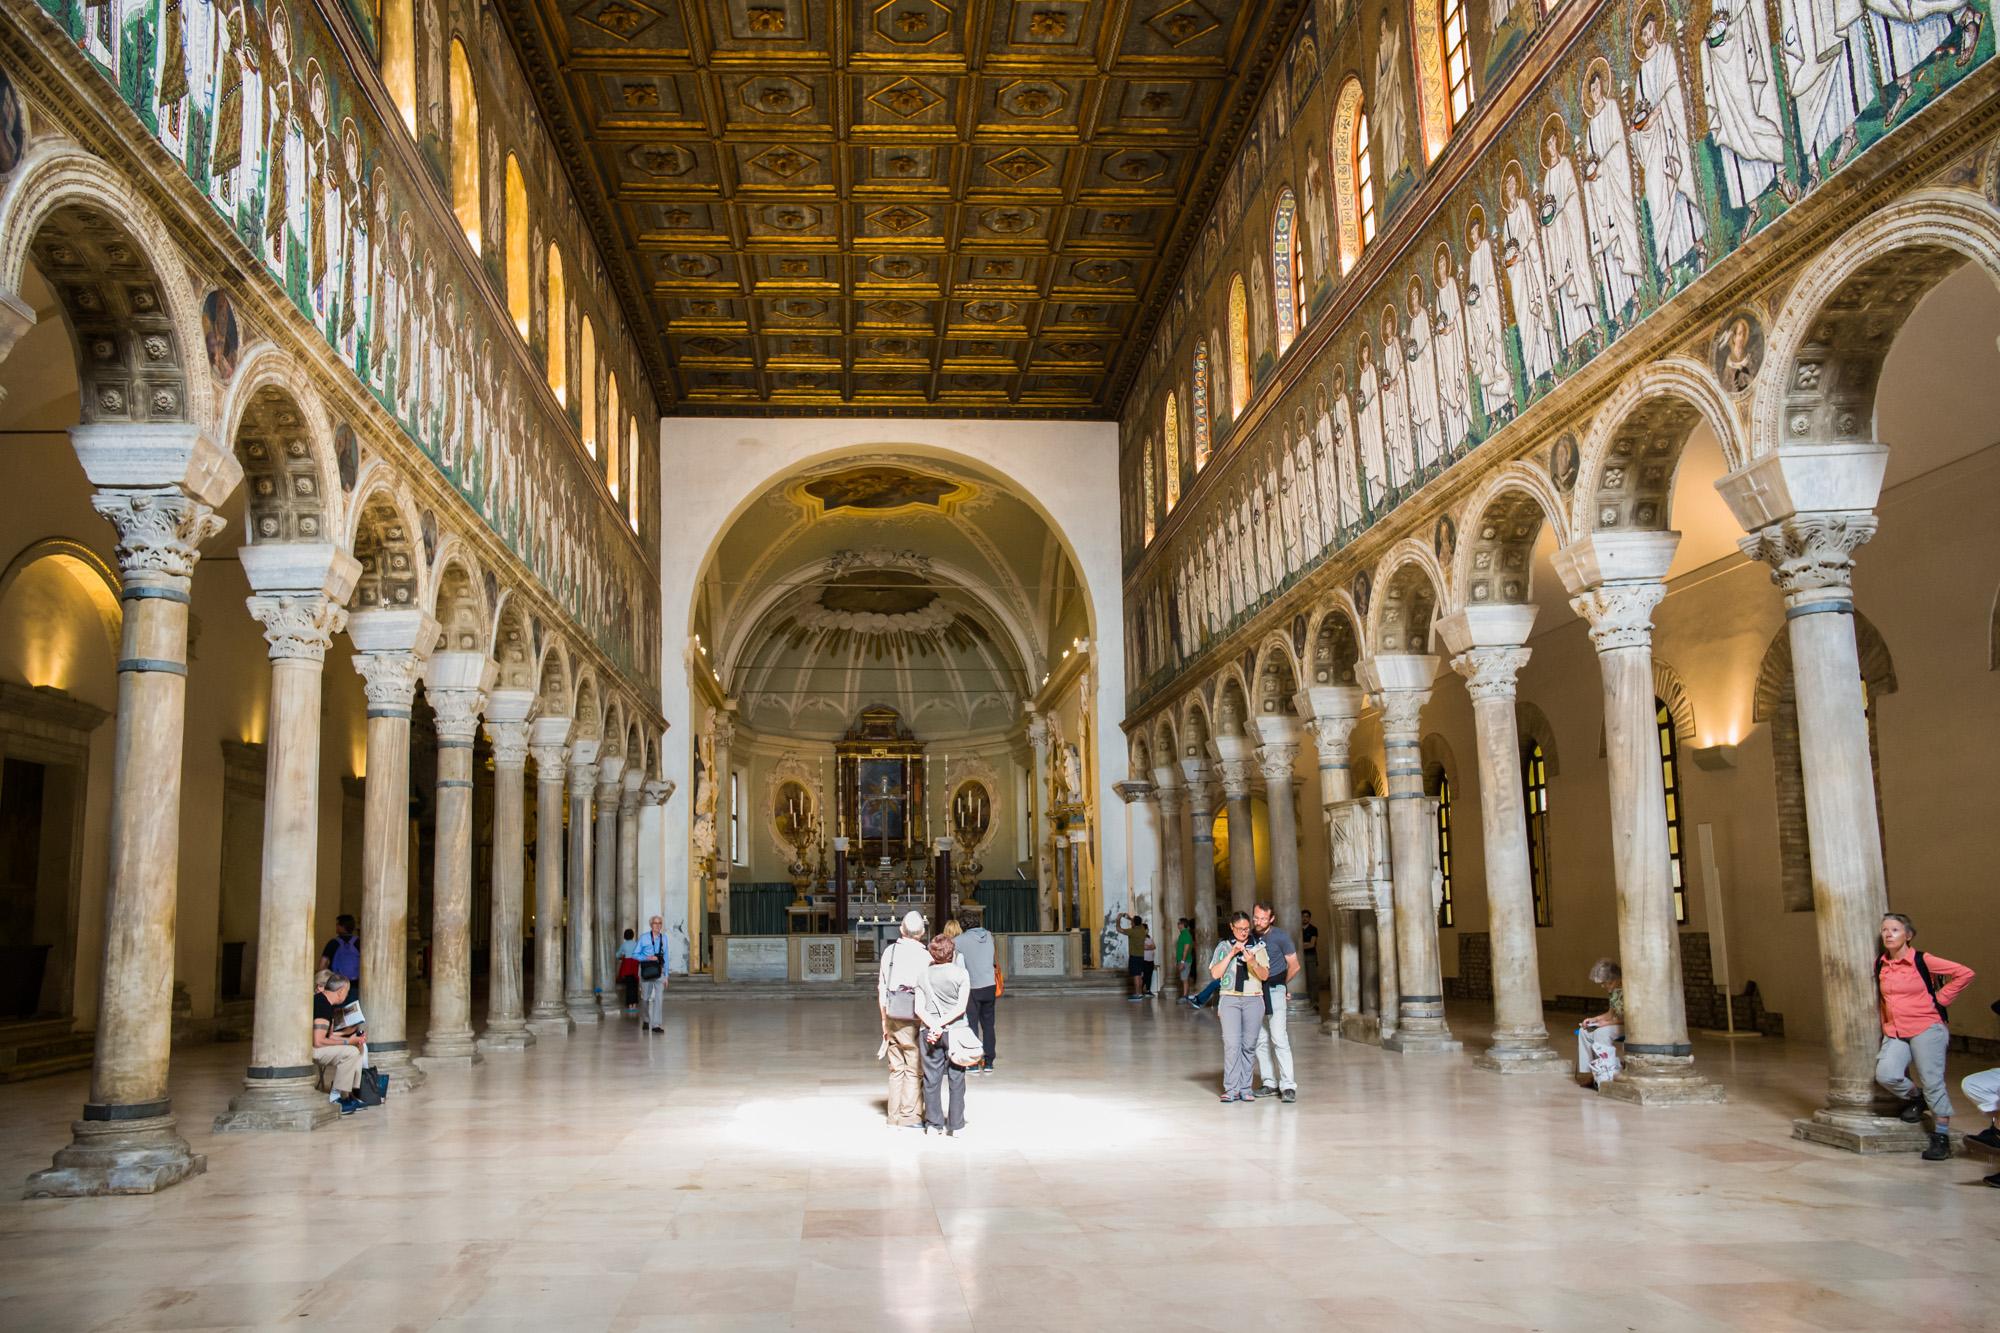 The Basilica of Saint Apollonare Nuevo